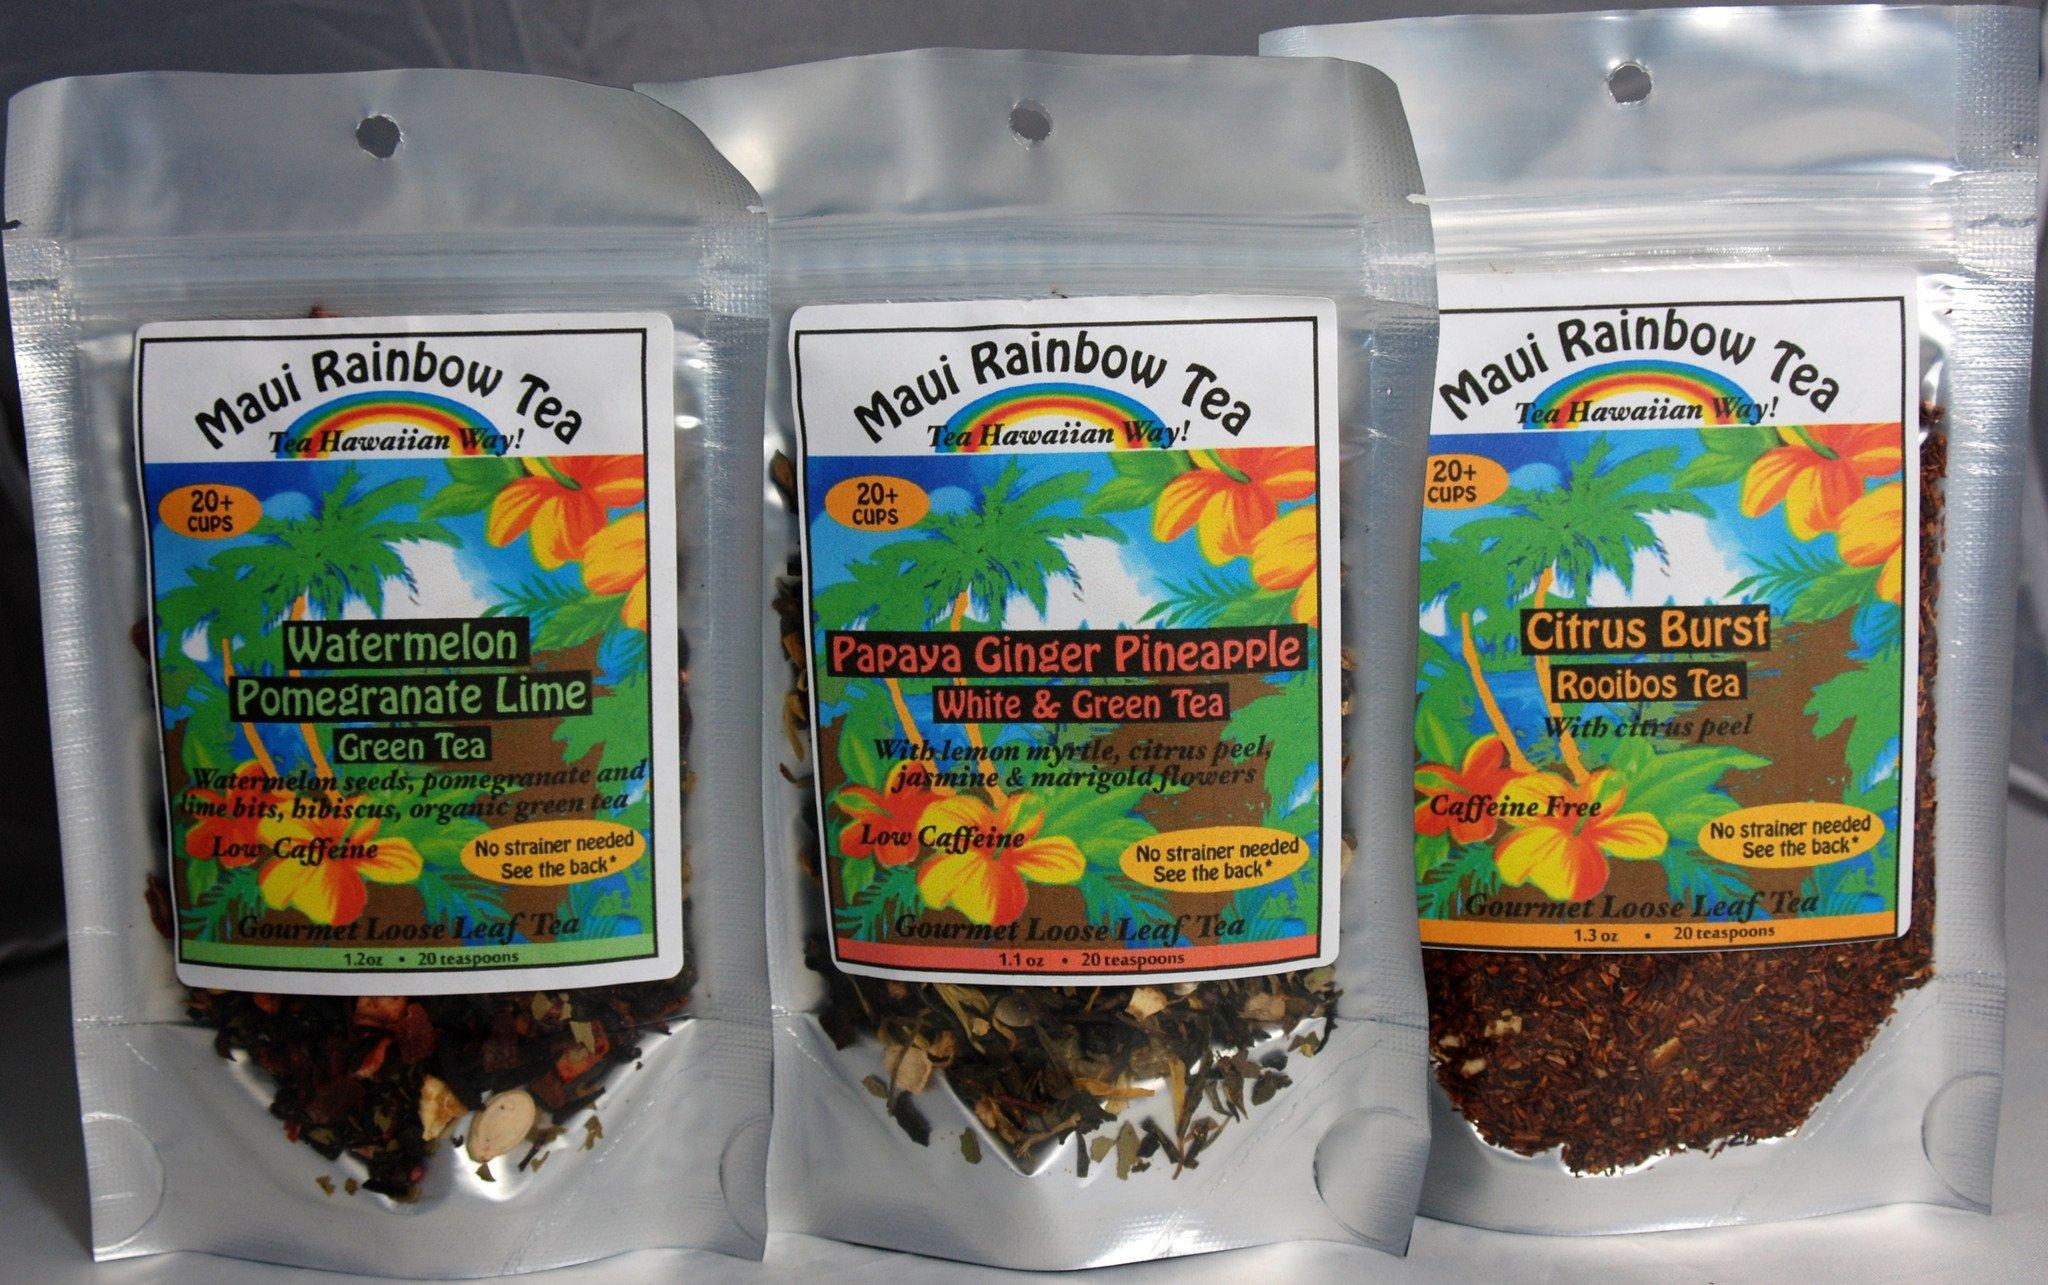 Tutu's Pantry - Maui Rainbow tea - Pineapple Guava Black Tea - 3